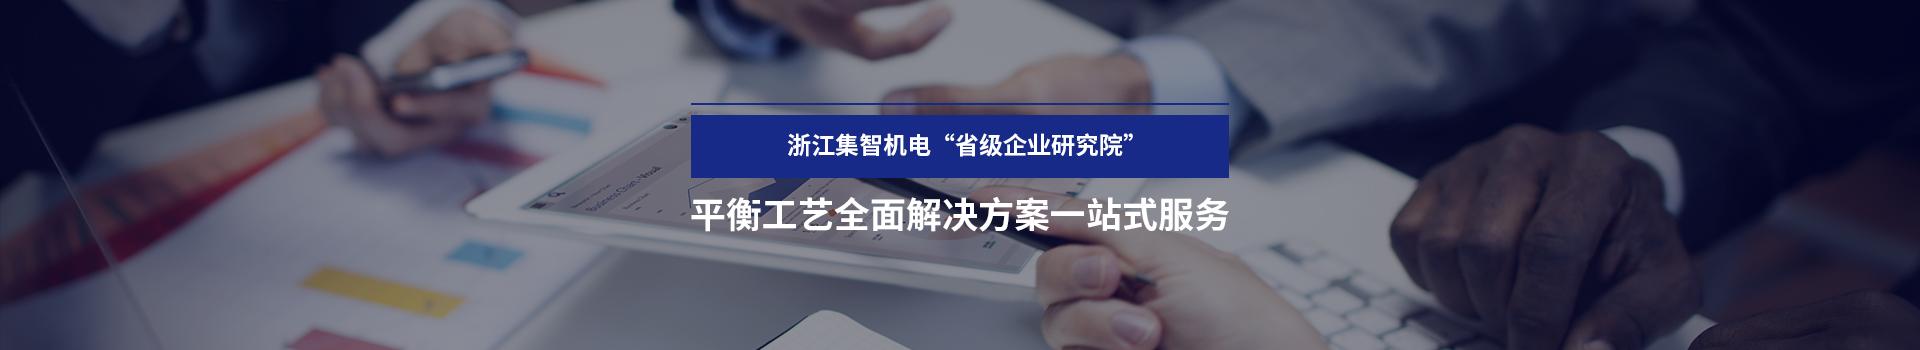 集智联合浙江大学设立研发中心